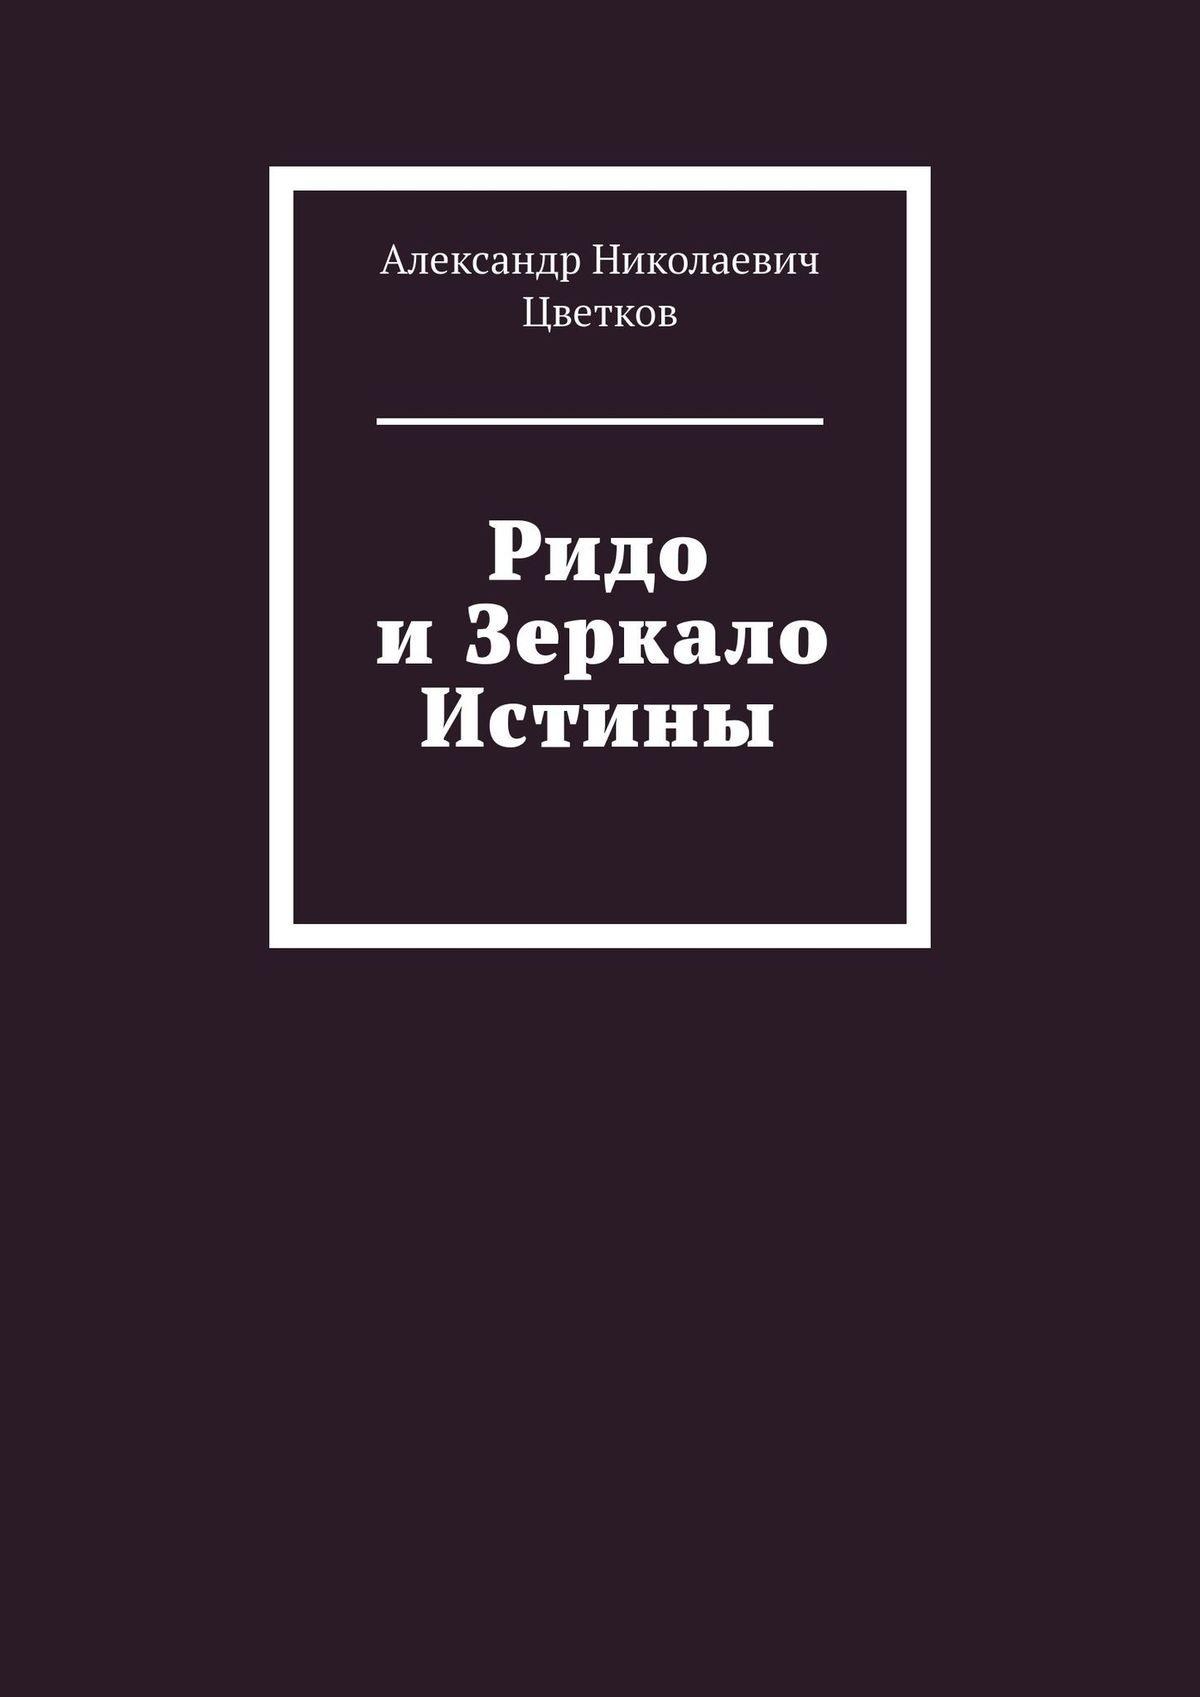 Купить книгу Ридо иЗеркало Истины, автора Александра Николаевича Цветкова